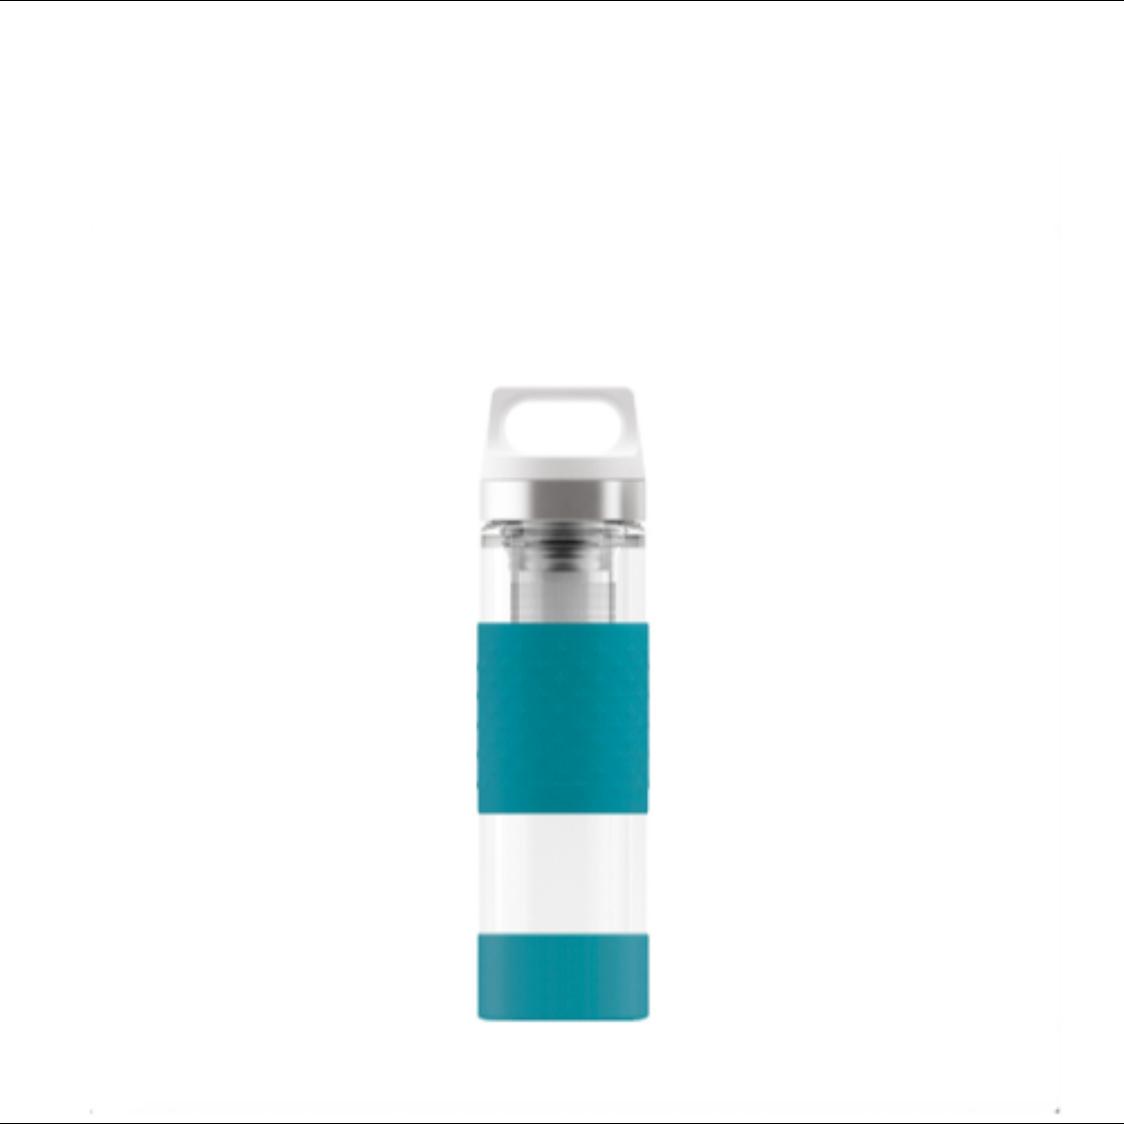 Sigg Hot  Cold Glass Aqua 400ml Glass Bottle